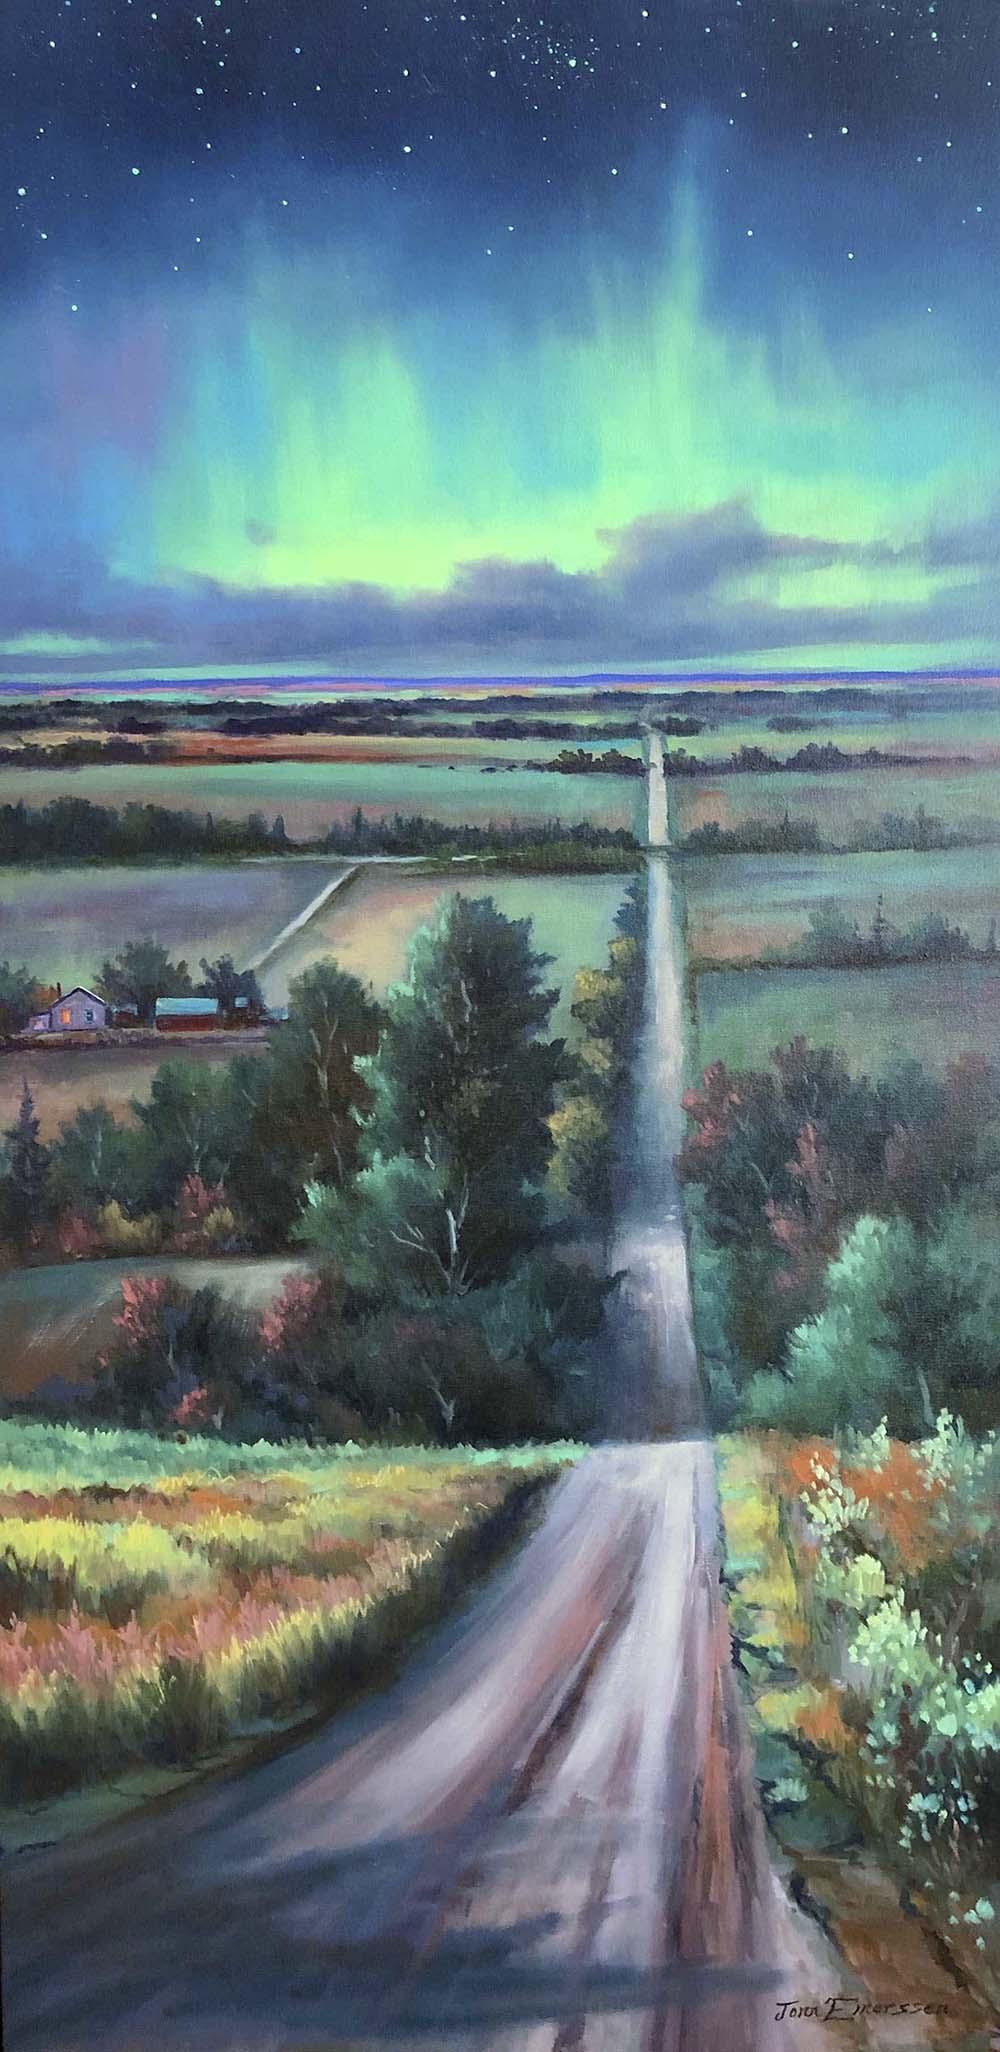 Dawn's Early Light - Jonn Einerssen